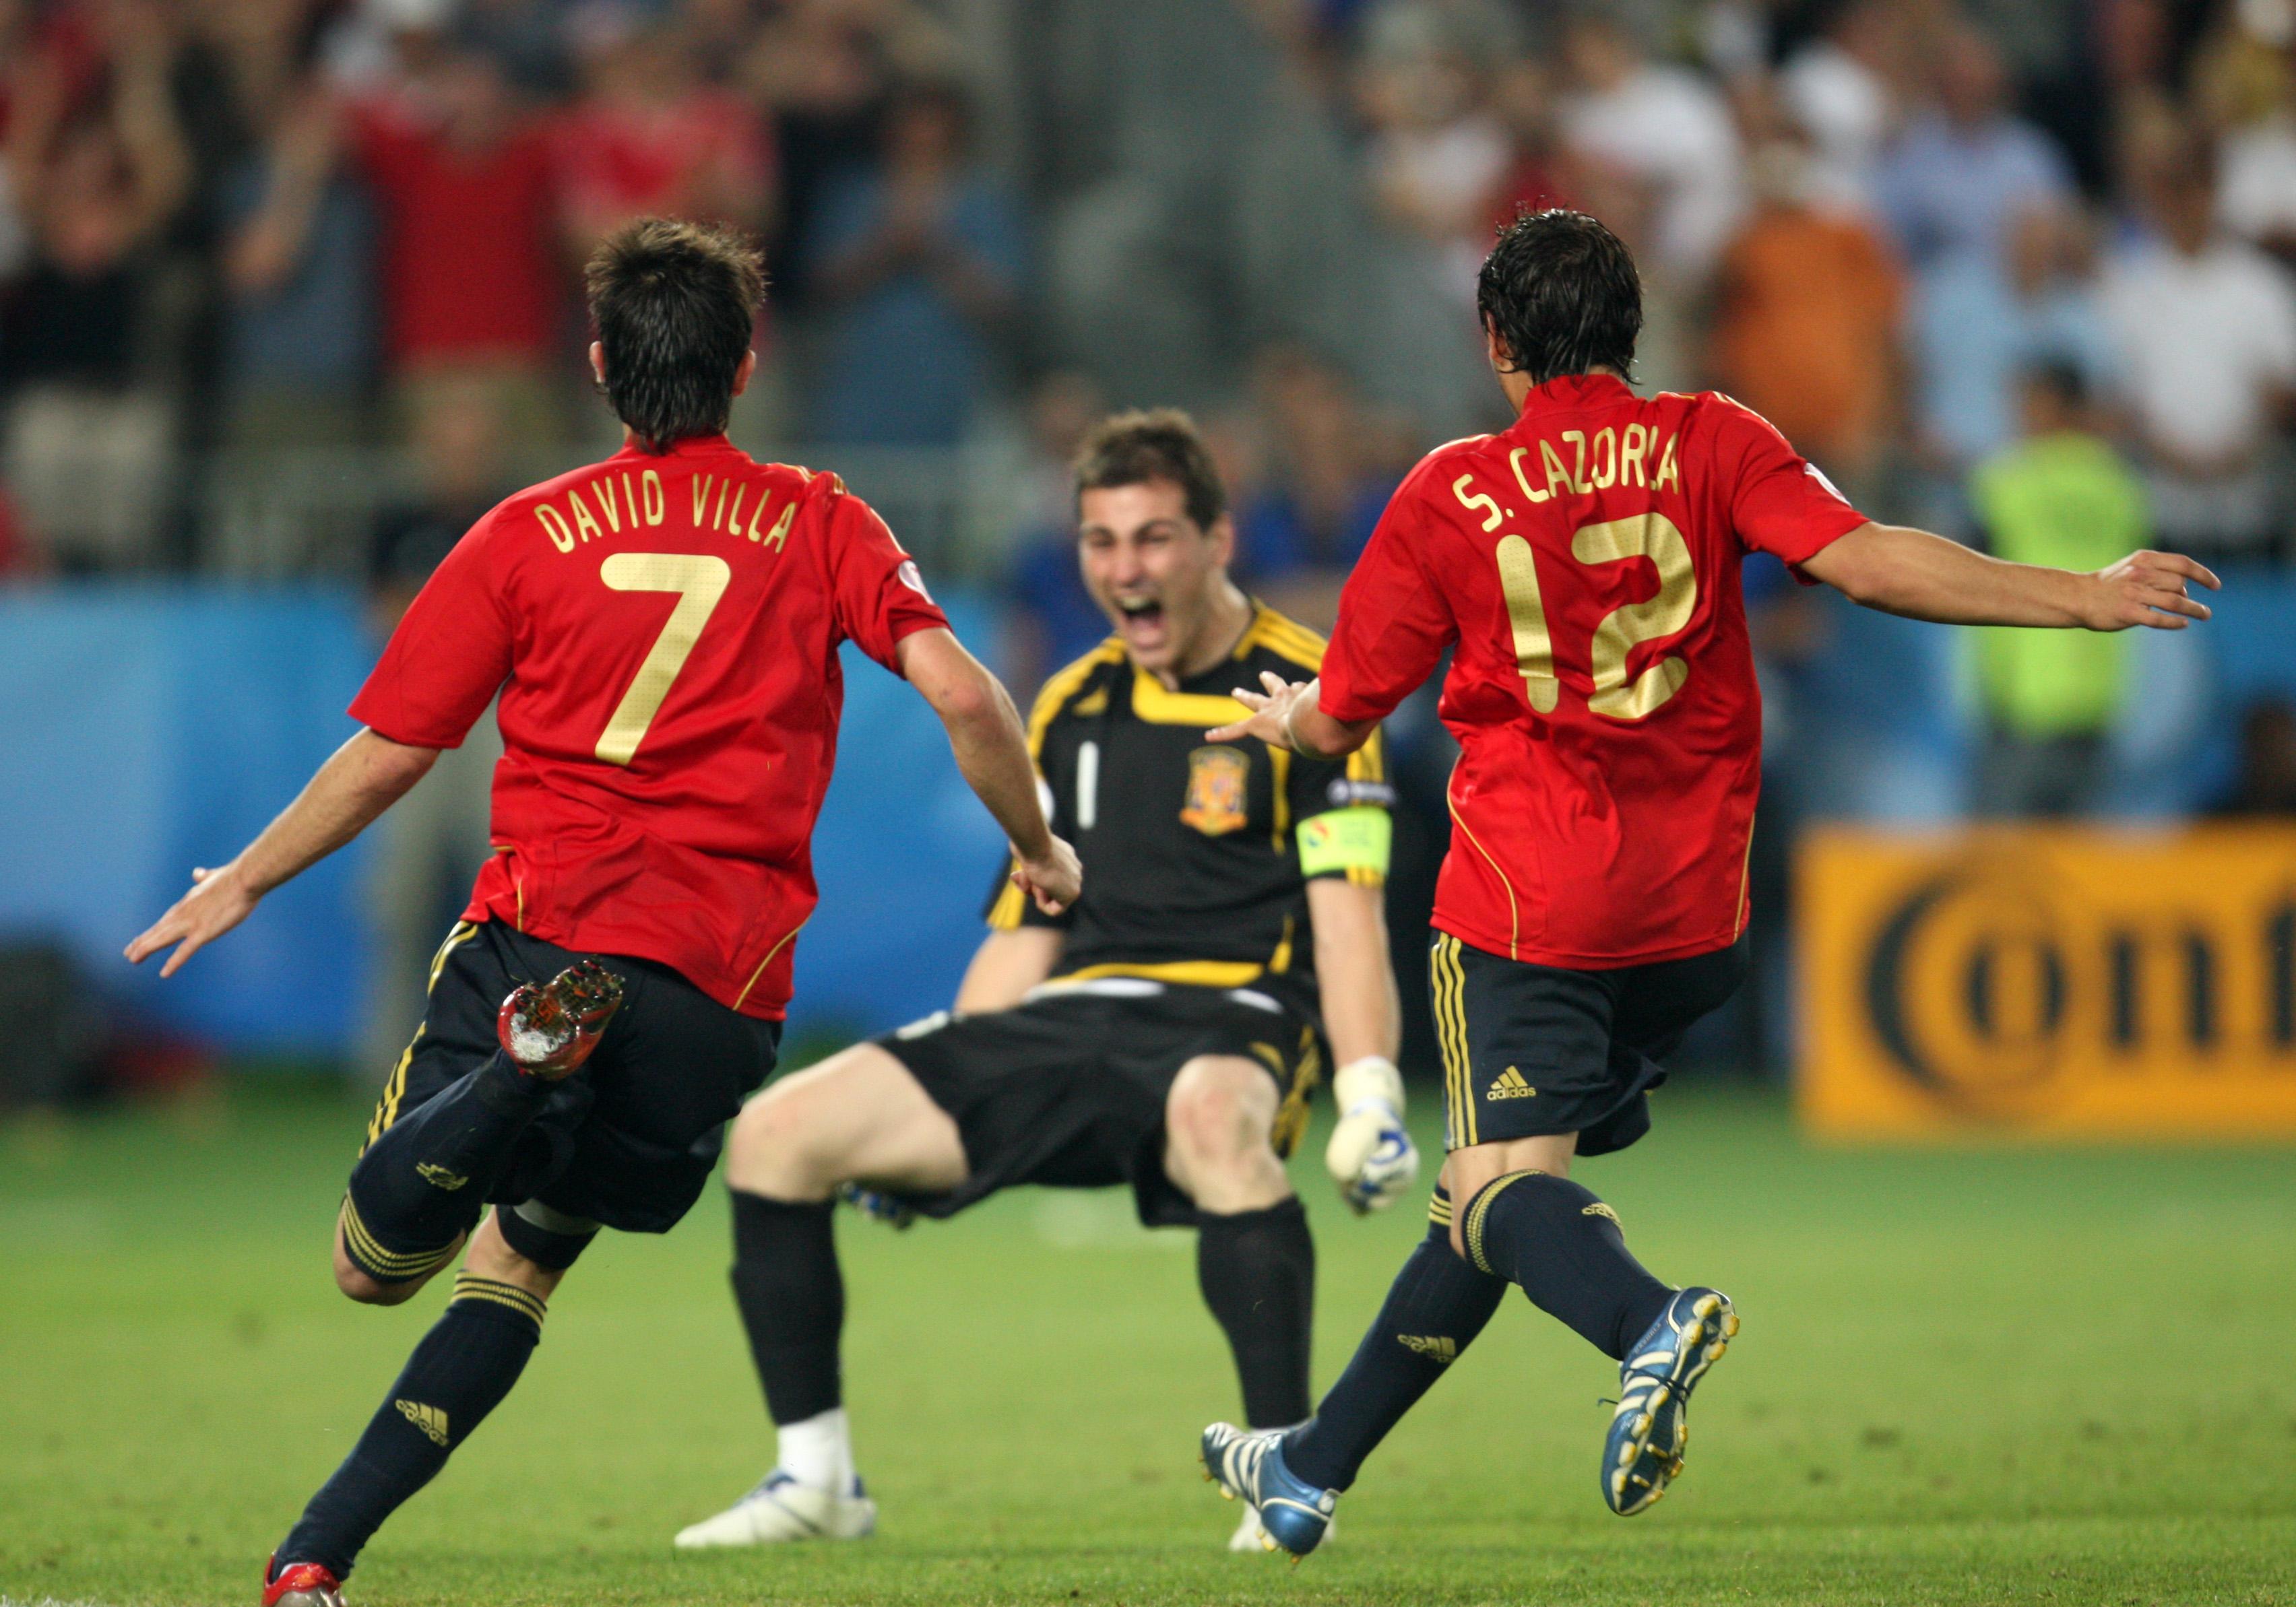 Soccer - UEFA EURO 2008 - Spain vs. Italy